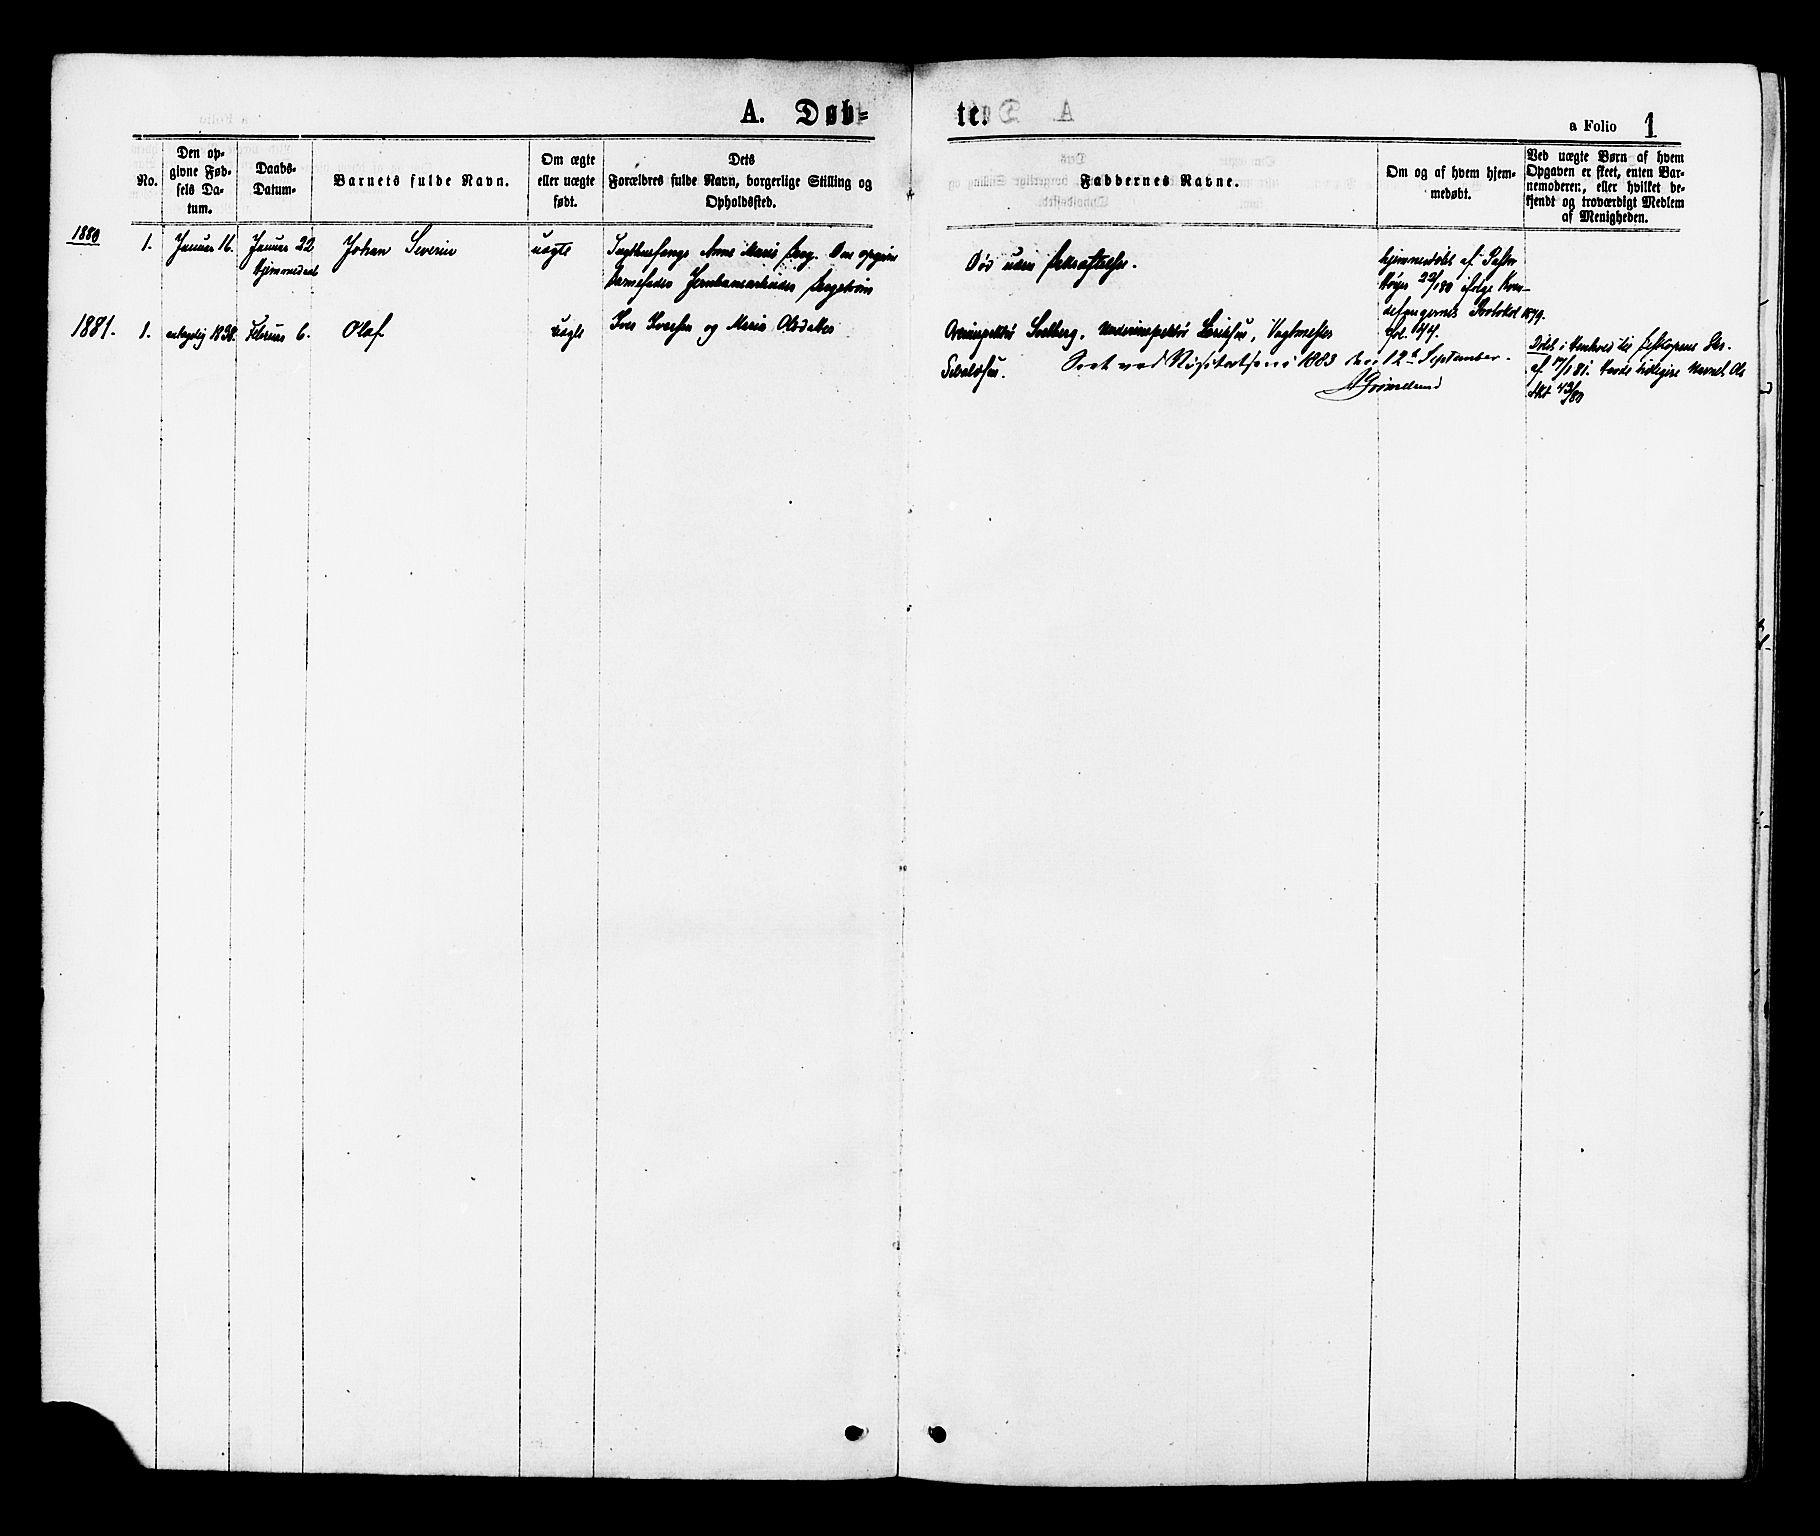 SAT, Ministerialprotokoller, klokkerbøker og fødselsregistre - Sør-Trøndelag, 624/L0482: Ministerialbok nr. 624A03, 1870-1918, s. 1